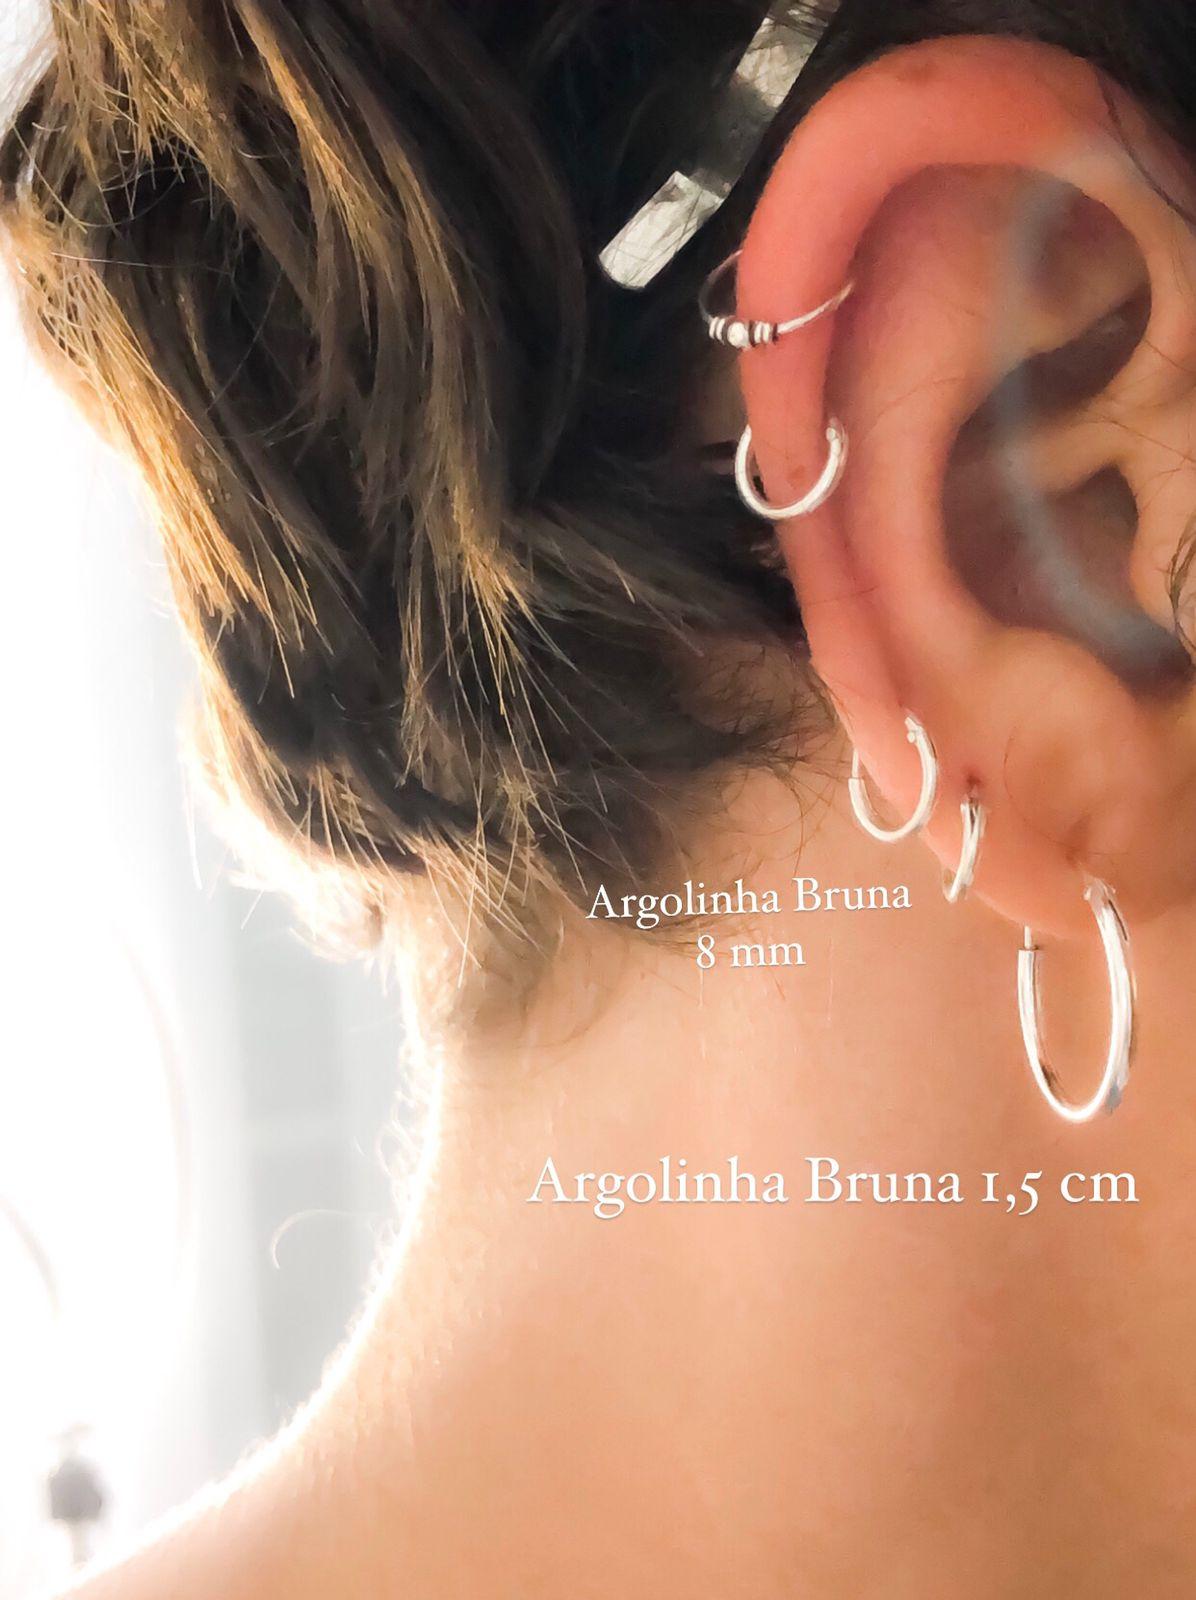 Brinco Argolinha Bruna 1,5 cm Prata 925